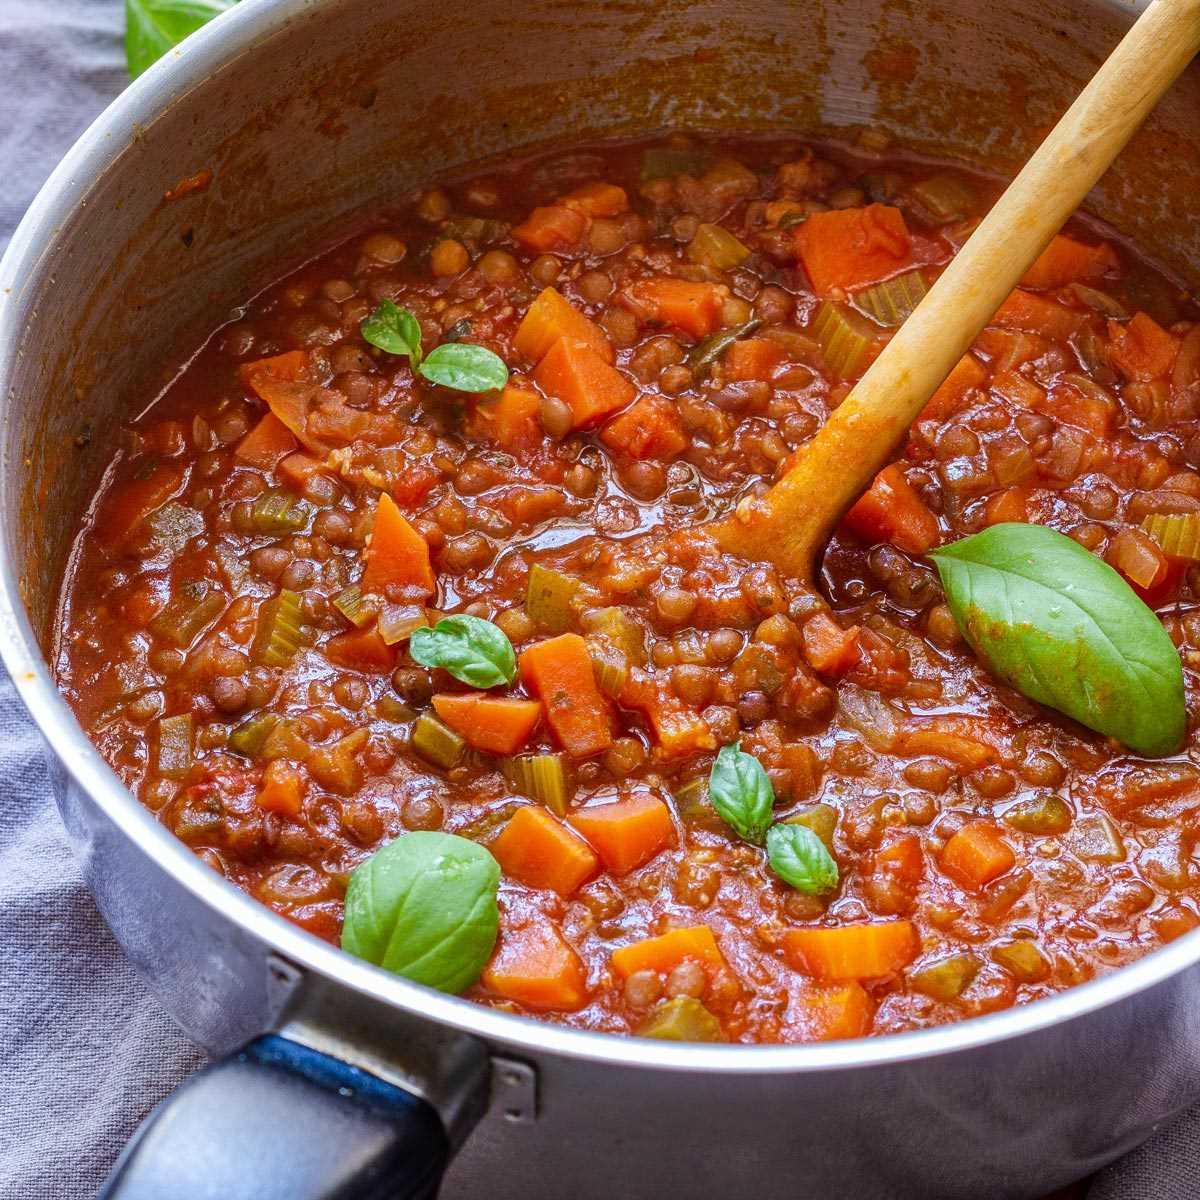 Ricetta Bolognese Vegetariana.Salsa Bolognese Vegetariana Di Lenticchie Ricetta Semplice E Salutare